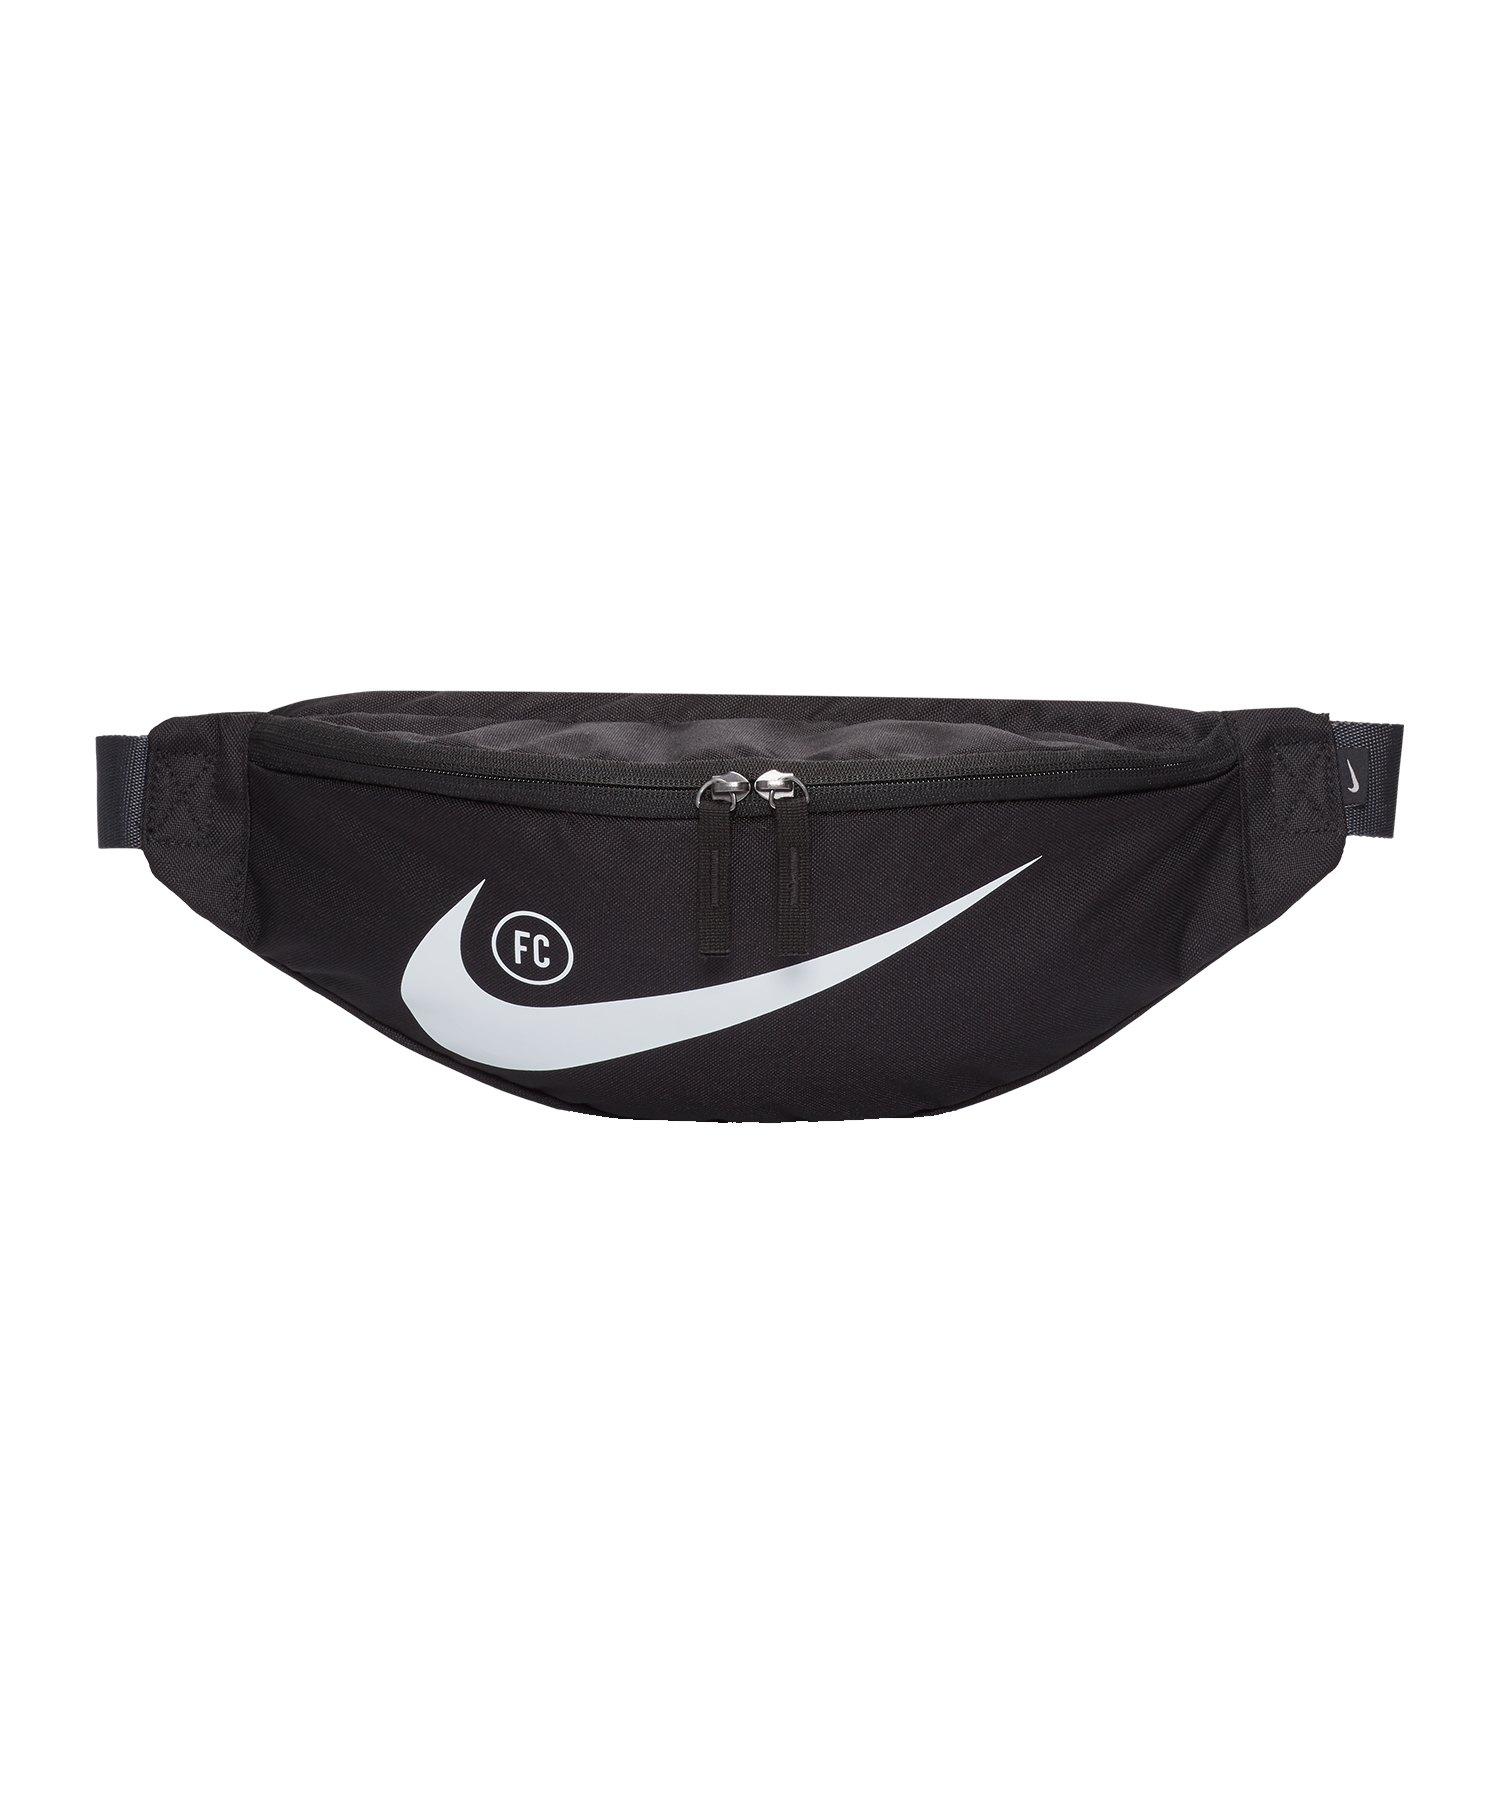 Nike F.C. Hip Pack Hüfttasche Schwarz F011 - schwarz